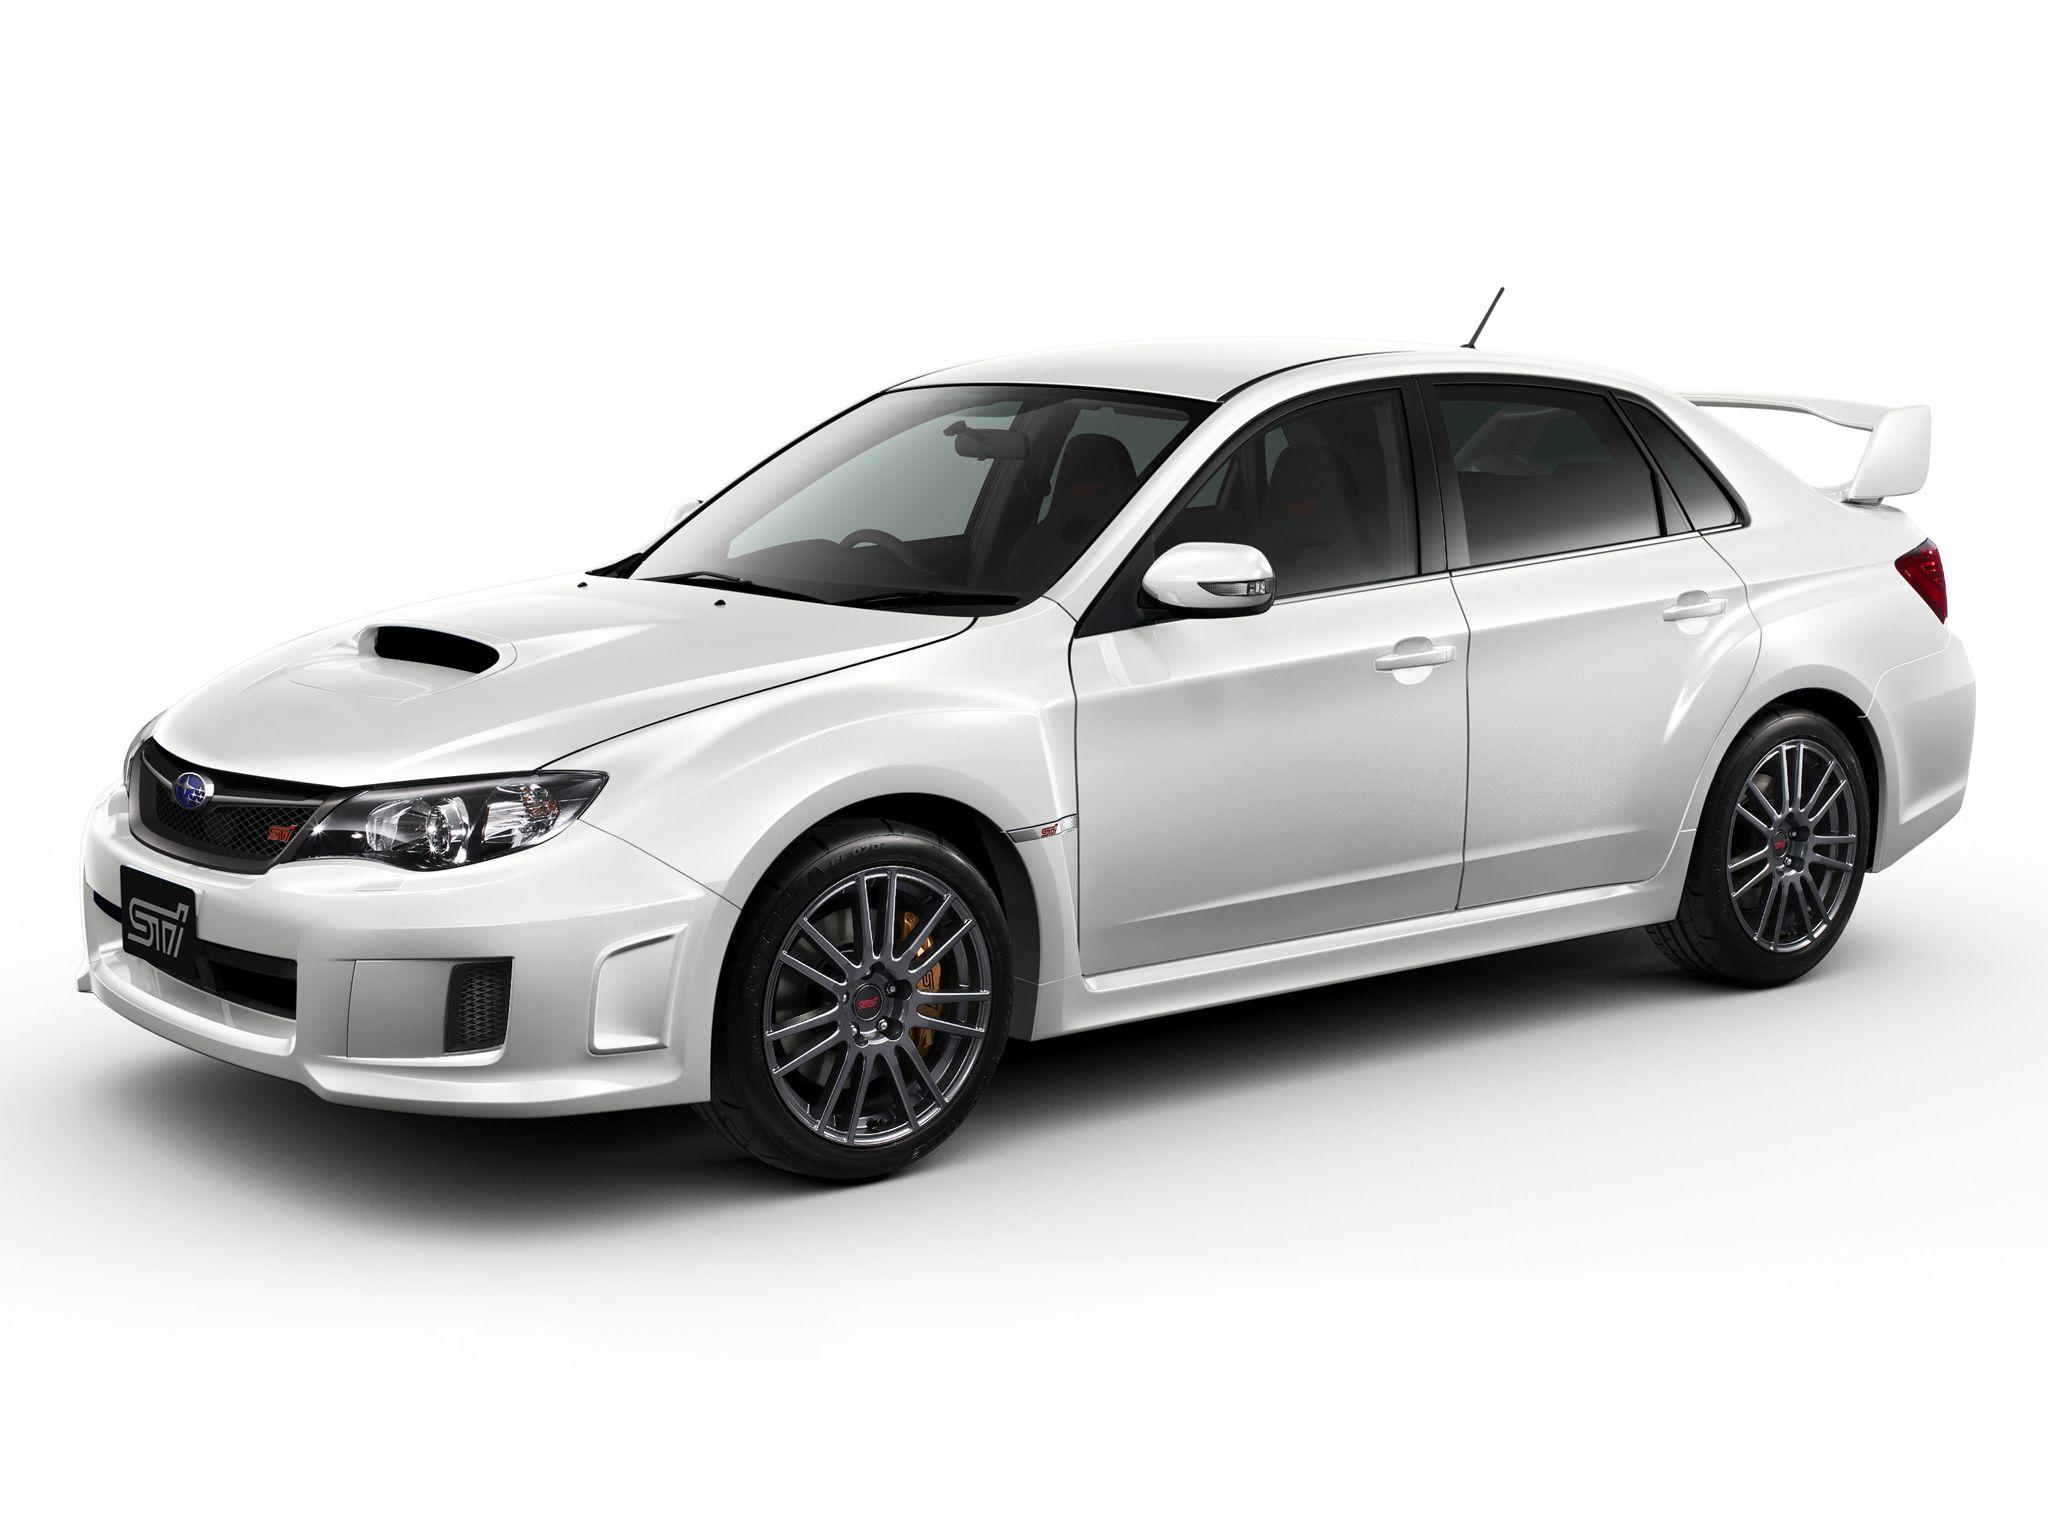 Subaru Impreza WRX STi Sedan Spec C 201214  Subaru Impreza